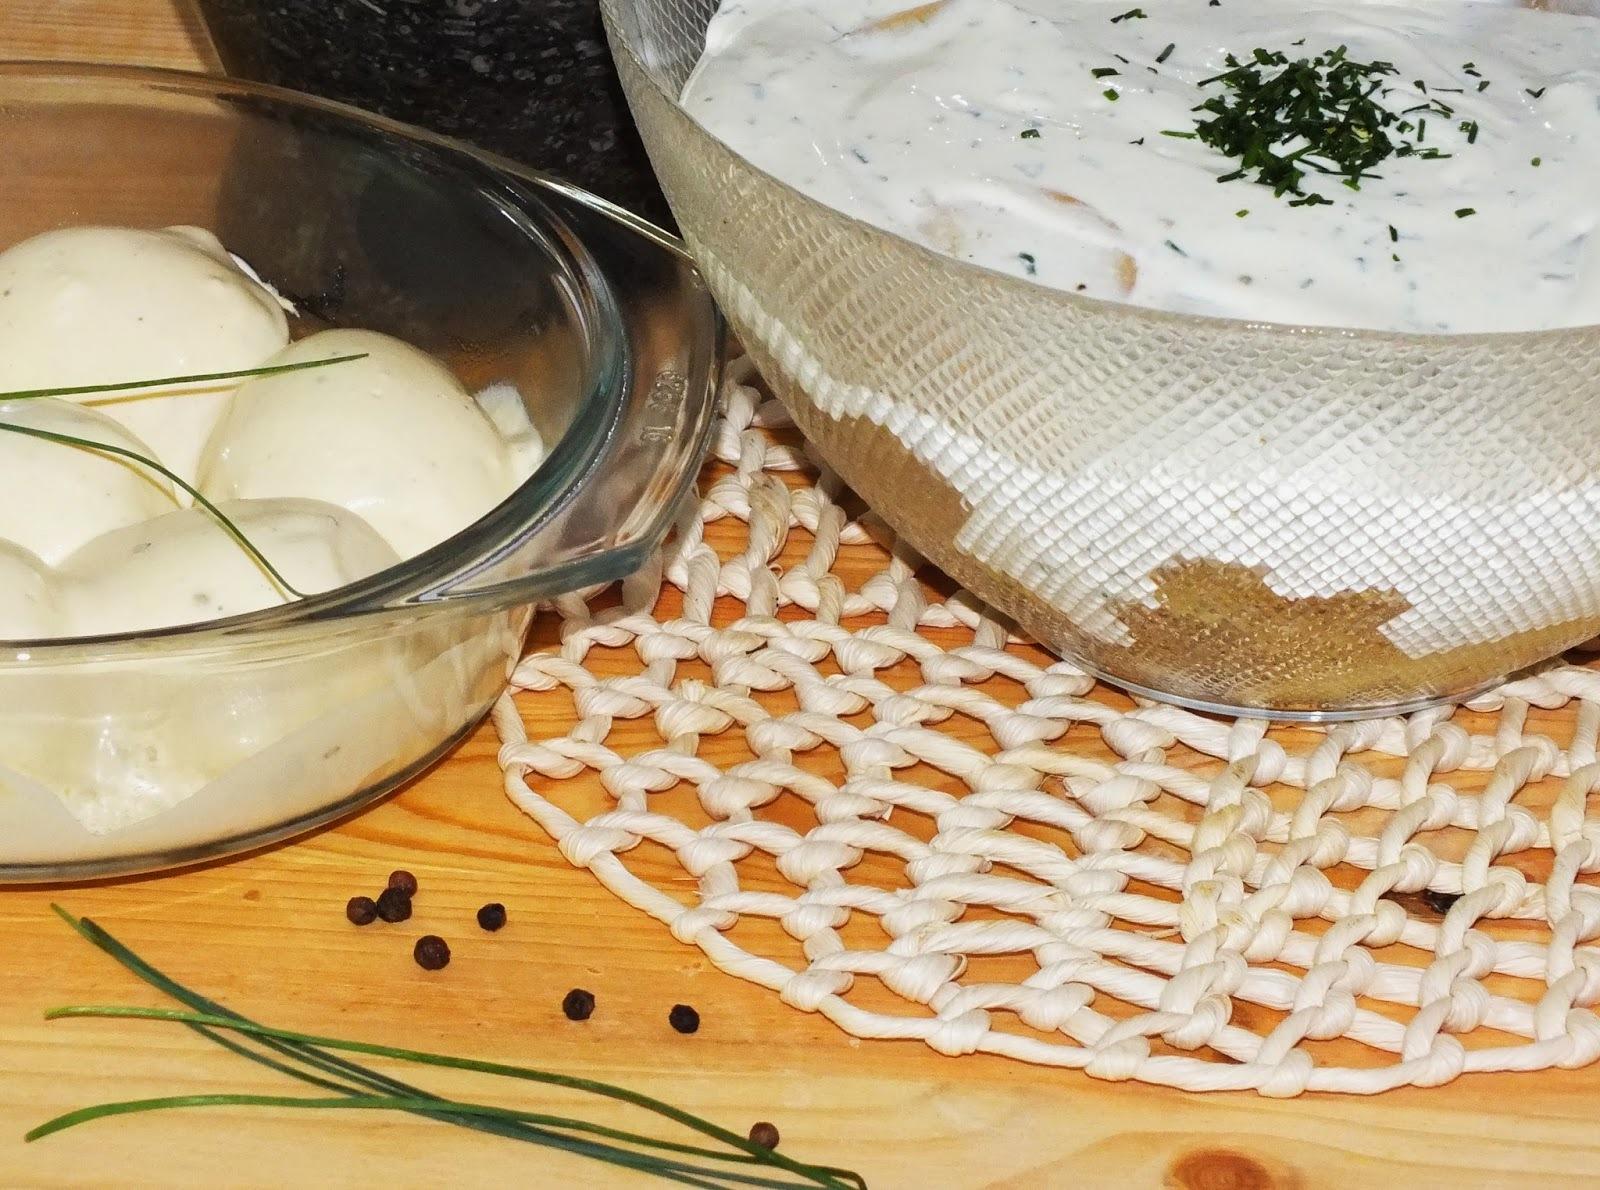 Kaszinó tojás, majonézes krumplisalátával